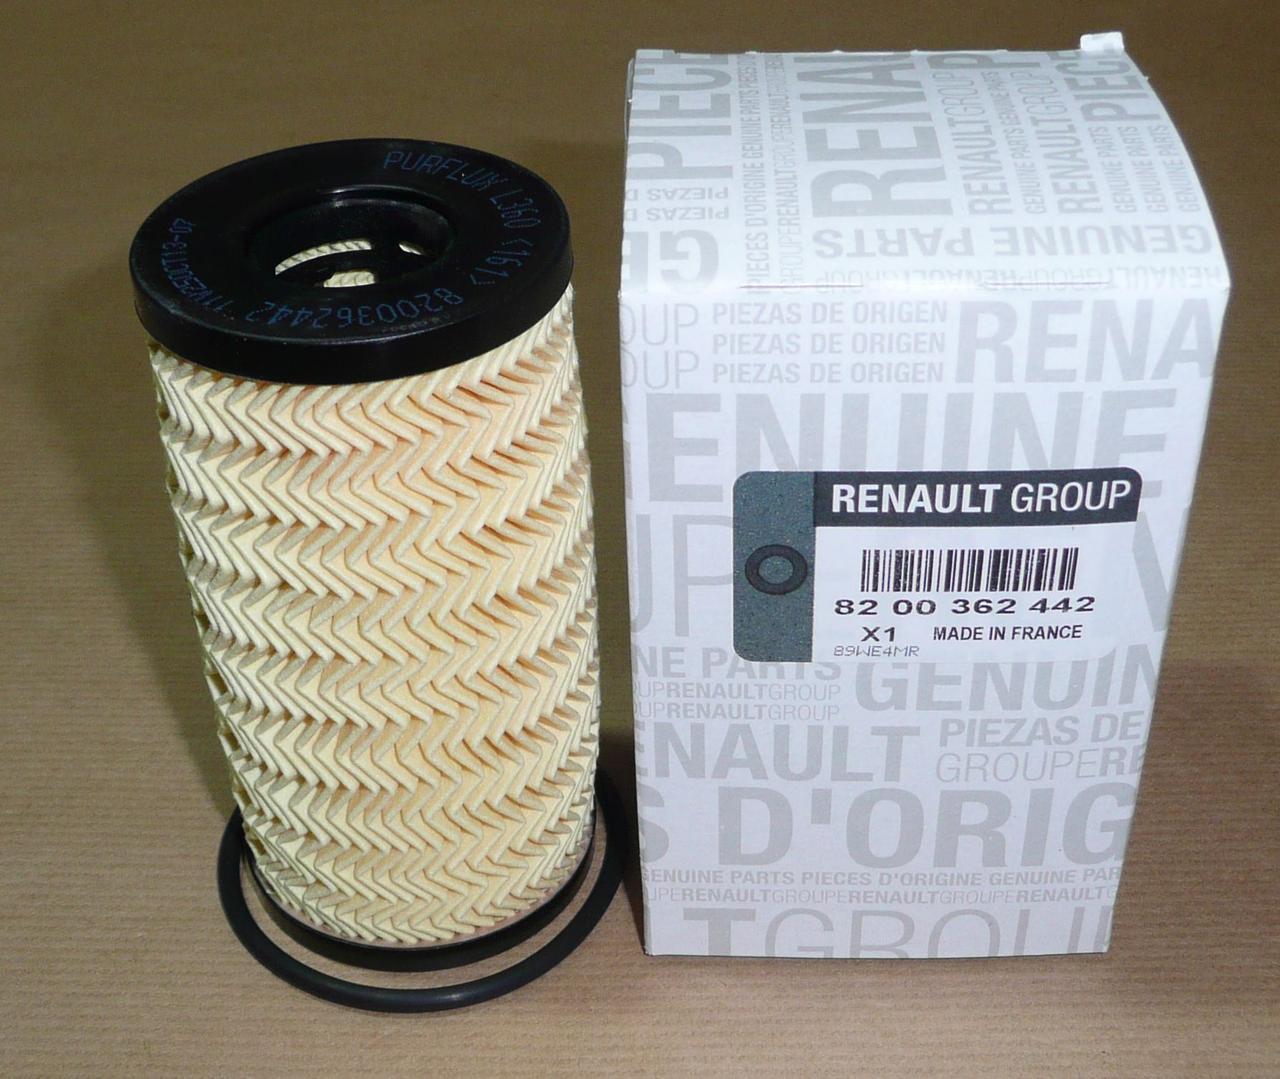 Масляный фильтр Renault 8200362442 для Nissan, Opel, Renault